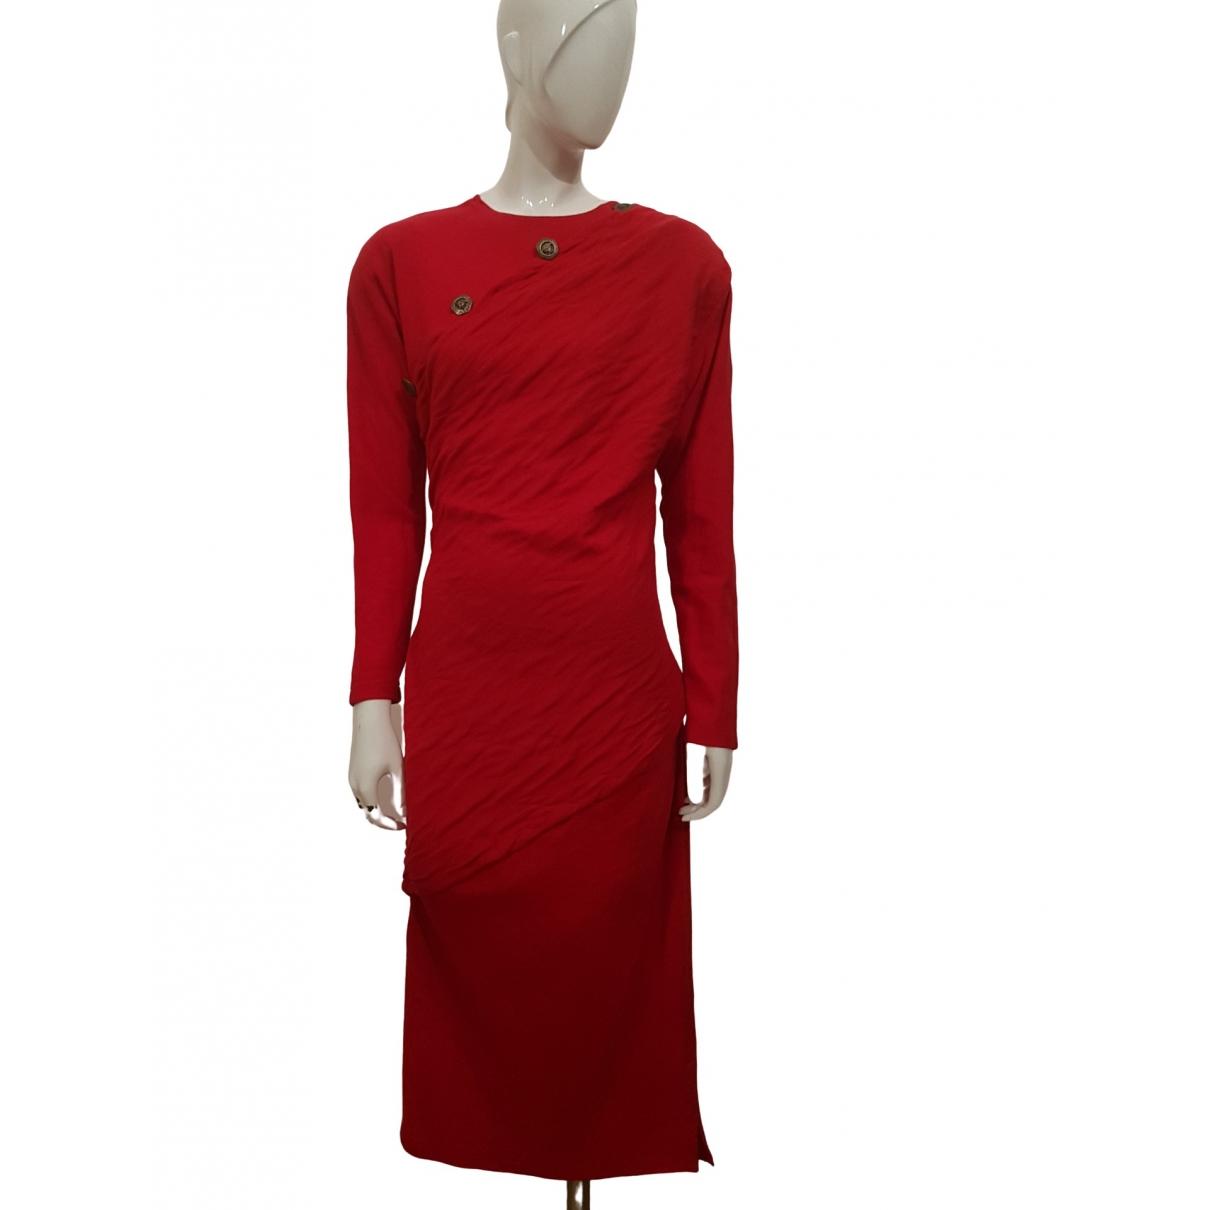 Gianni Versace \N Kleid in  Rot Wolle